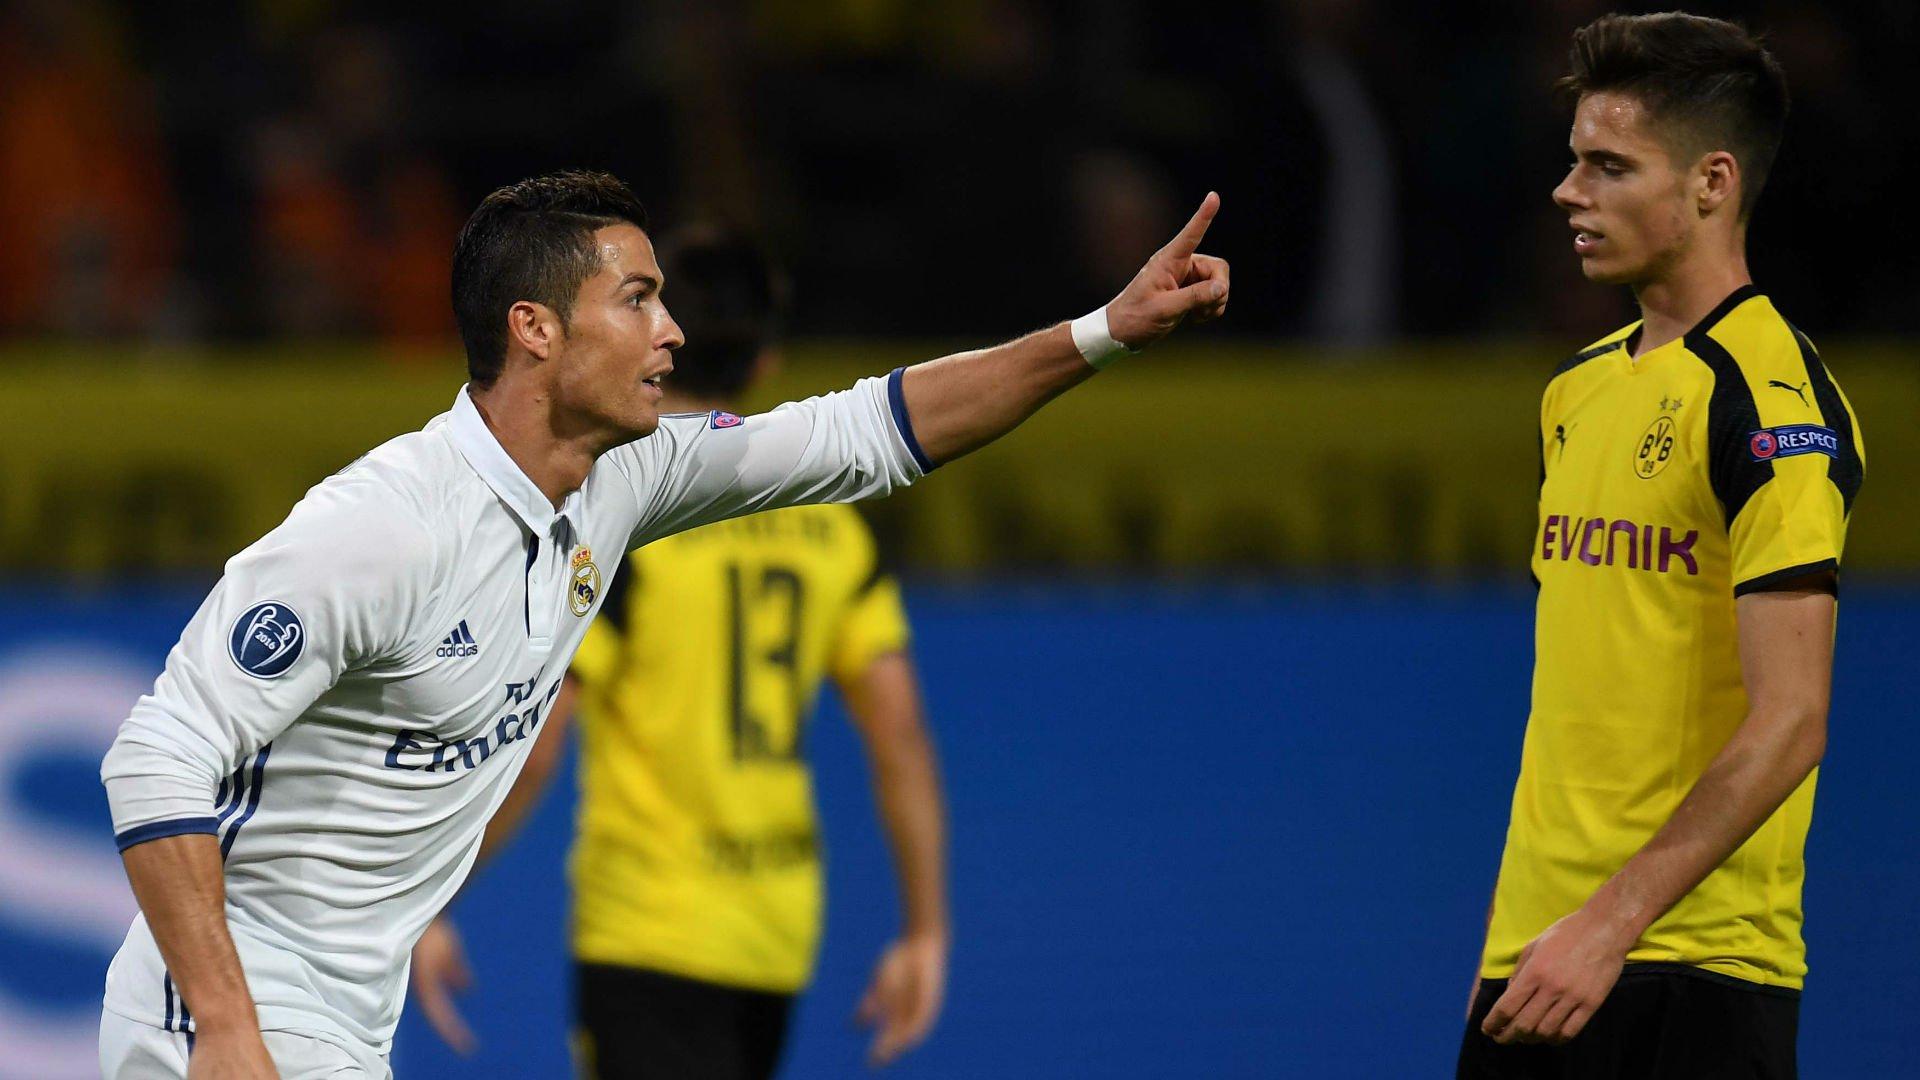 Леванте – Реал Сосьедад. Точный прогноз на матч 09.11.2018